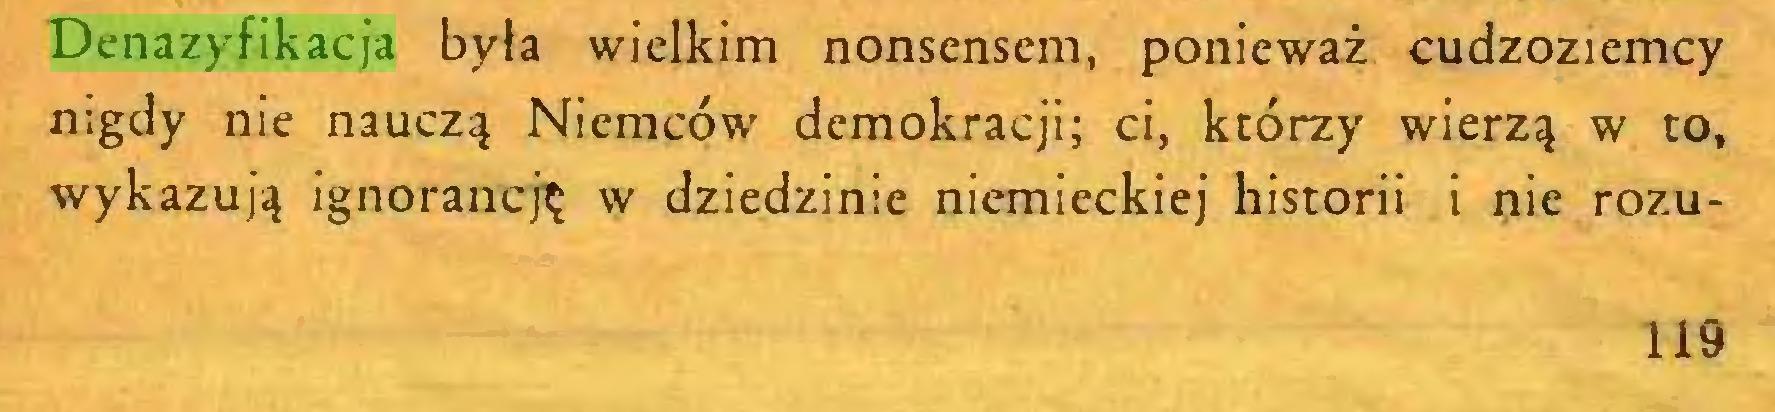 (...) Denazyfikacja była wielkim nonsensem, ponieważ cudzoziemcy nigdy nie nauczą Niemców demokracji; ci, którzy wierzą w to, wykazują ignorancję w dziedzinie niemieckiej historii i nie rozu119...